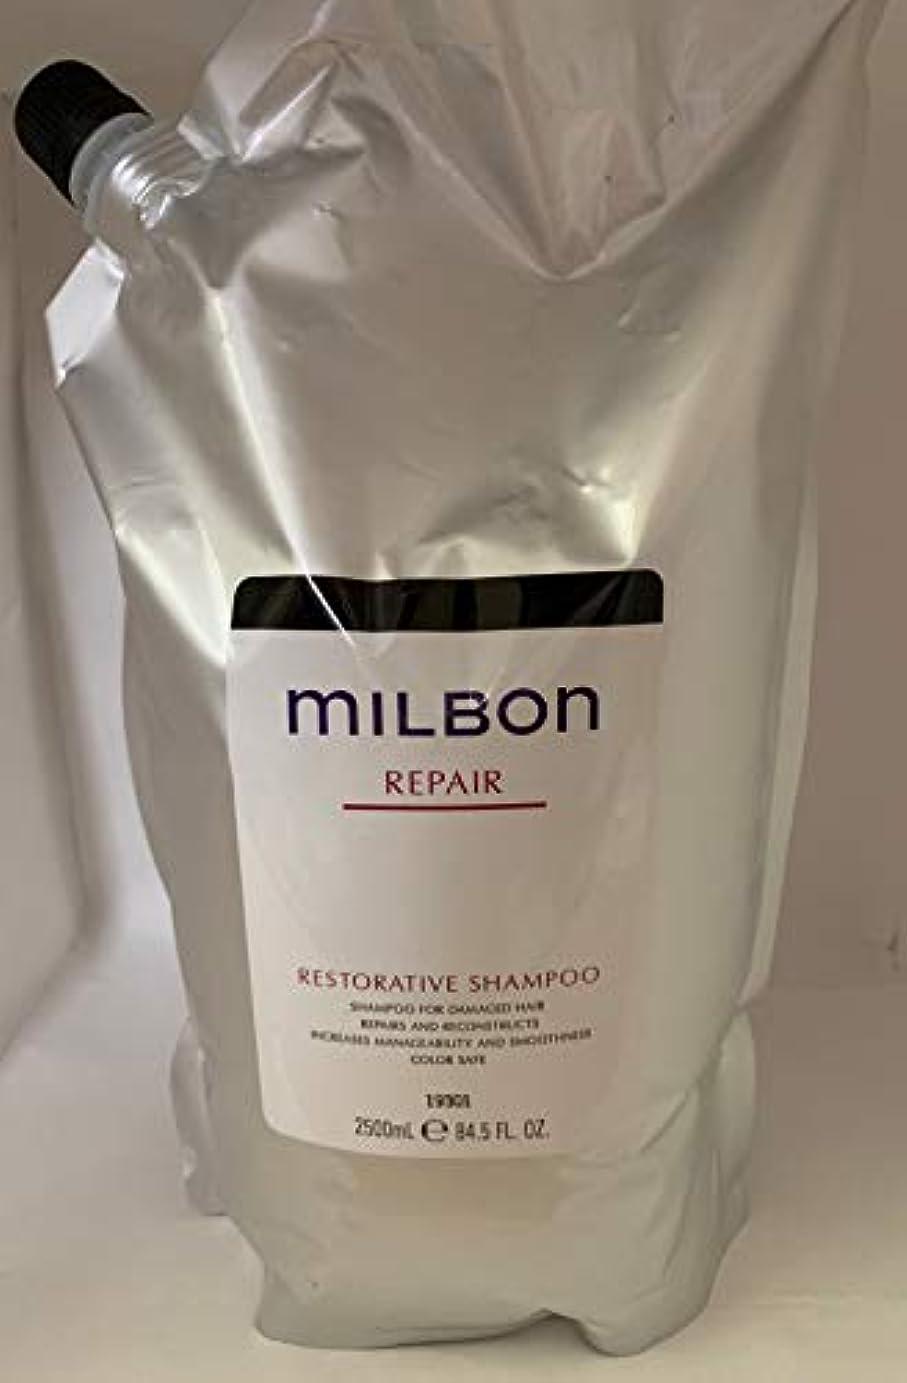 実験酒ビーチグローバル ミルボン リペア リストラティブ シャンプー 2500ml [詰替え用]